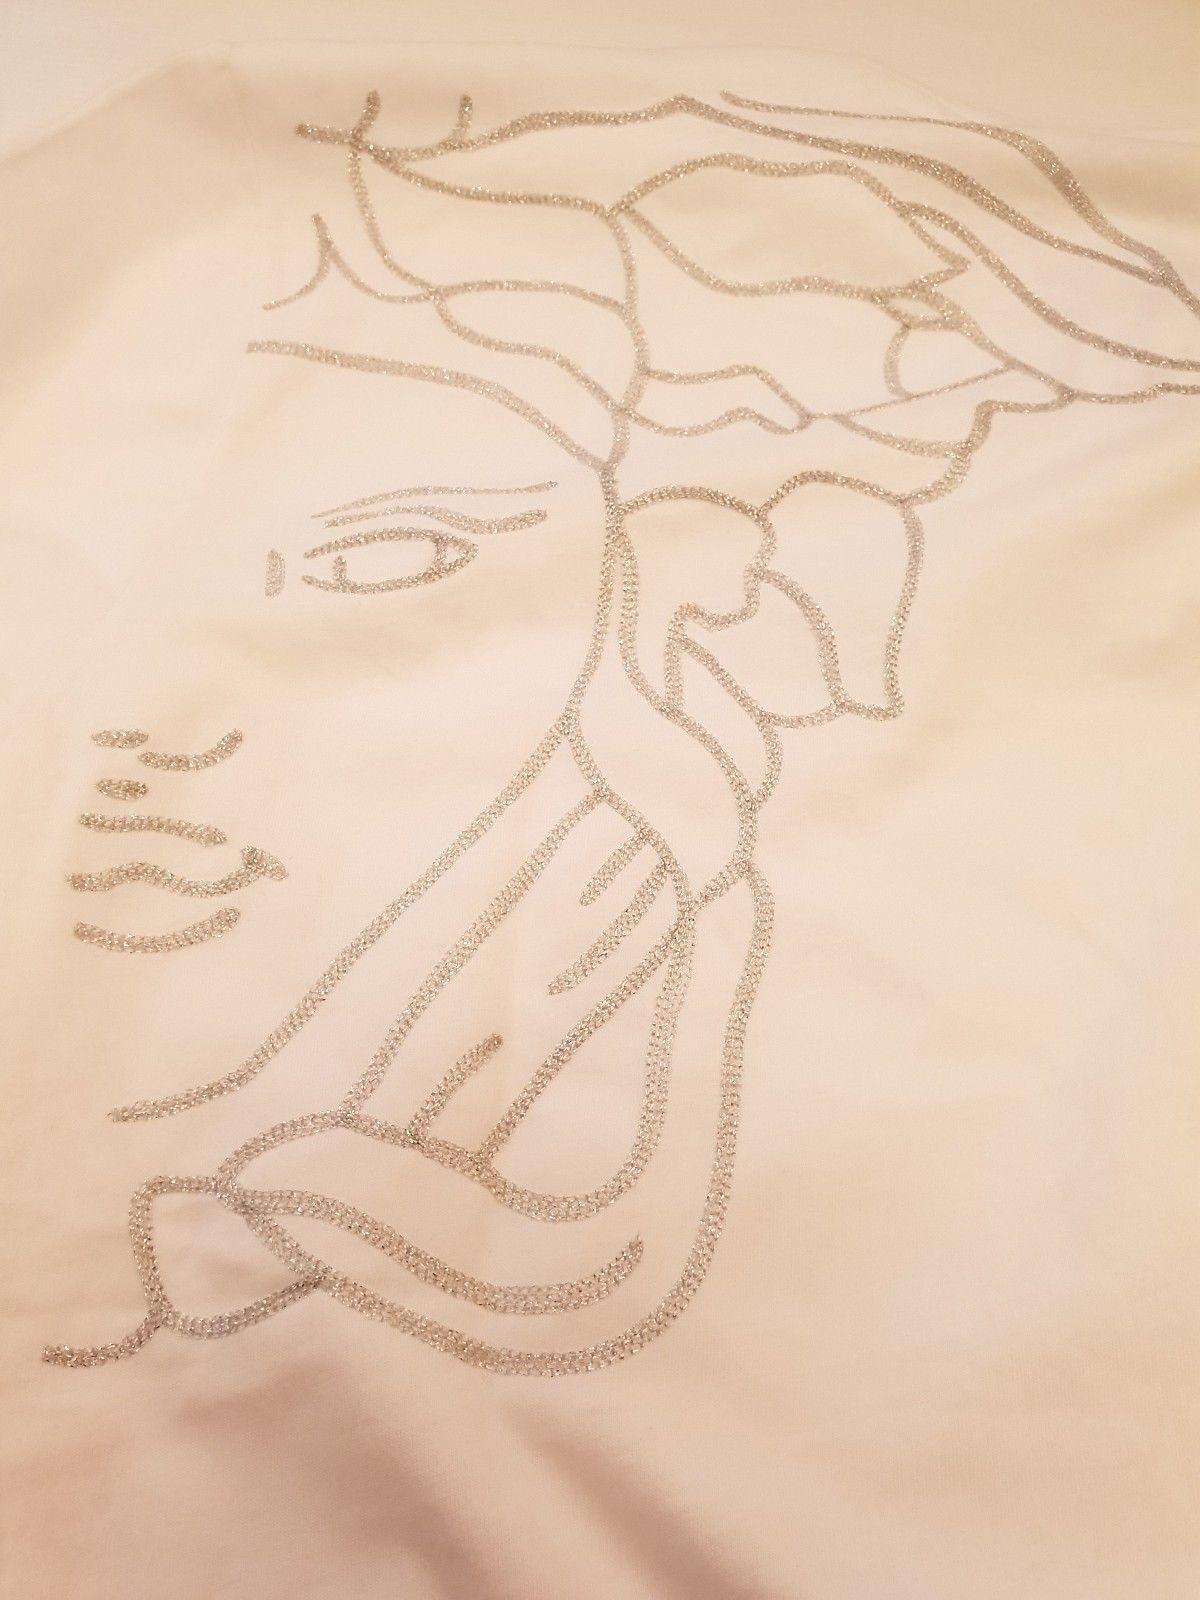 VERSACE COLLECTION HALF MEDUSA t-shirt Größe XXXL in Weiß  V800683 VJ00413